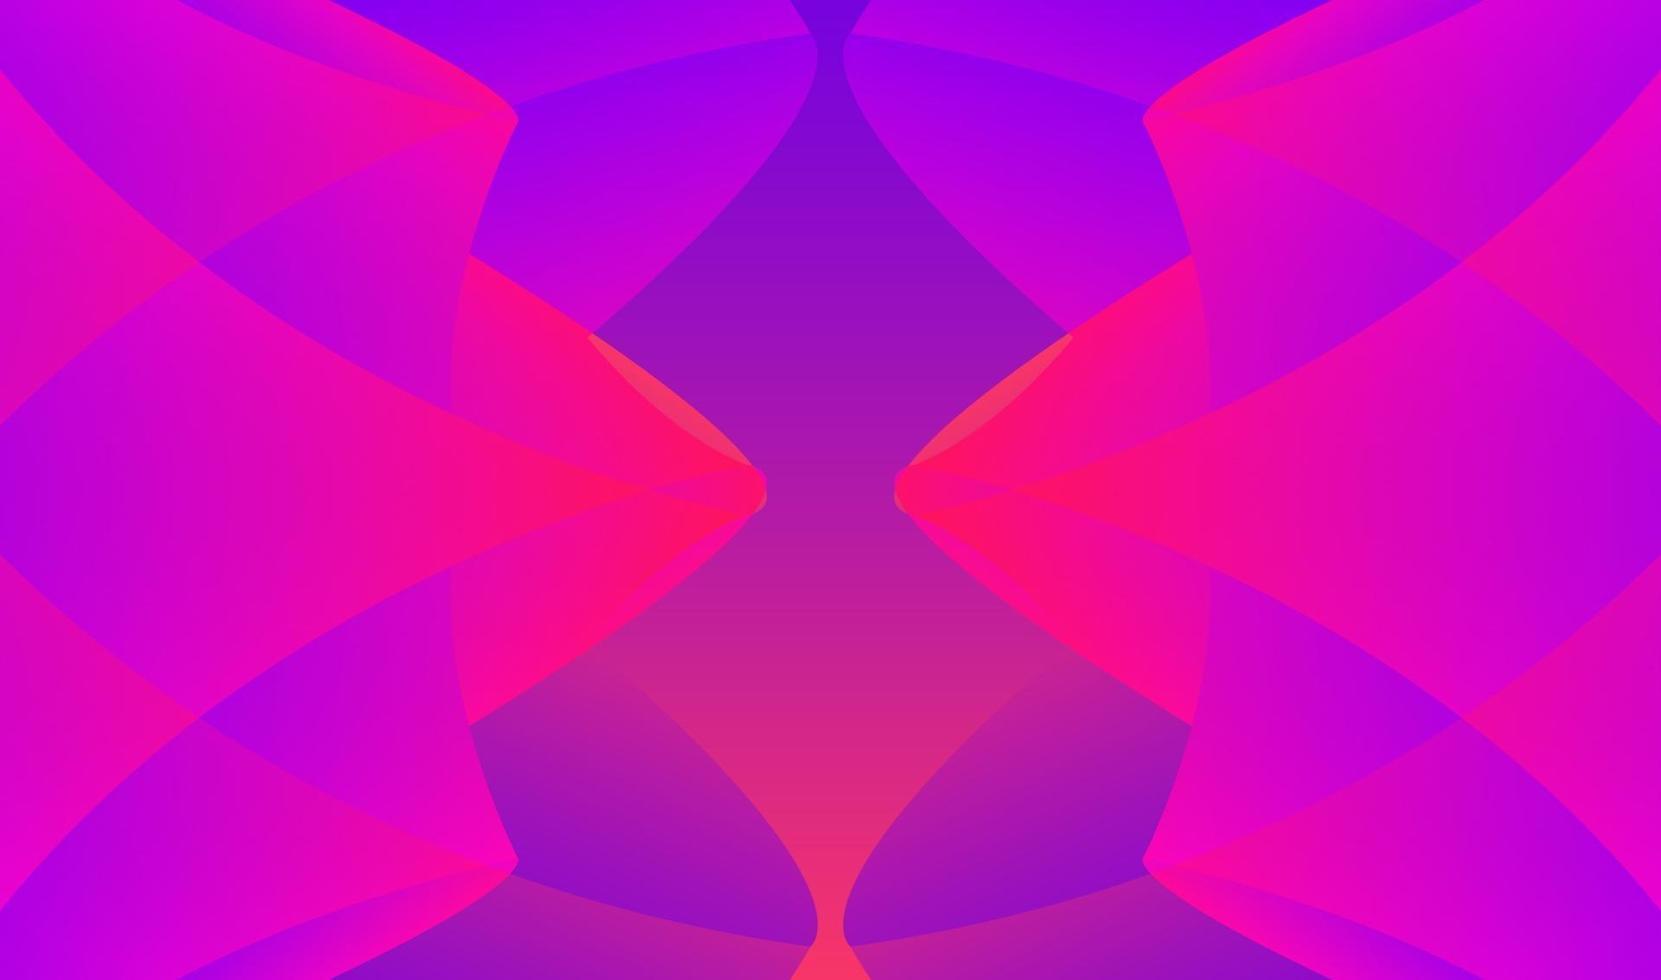 fond géométrique dégradé abstrait moderne vecteur